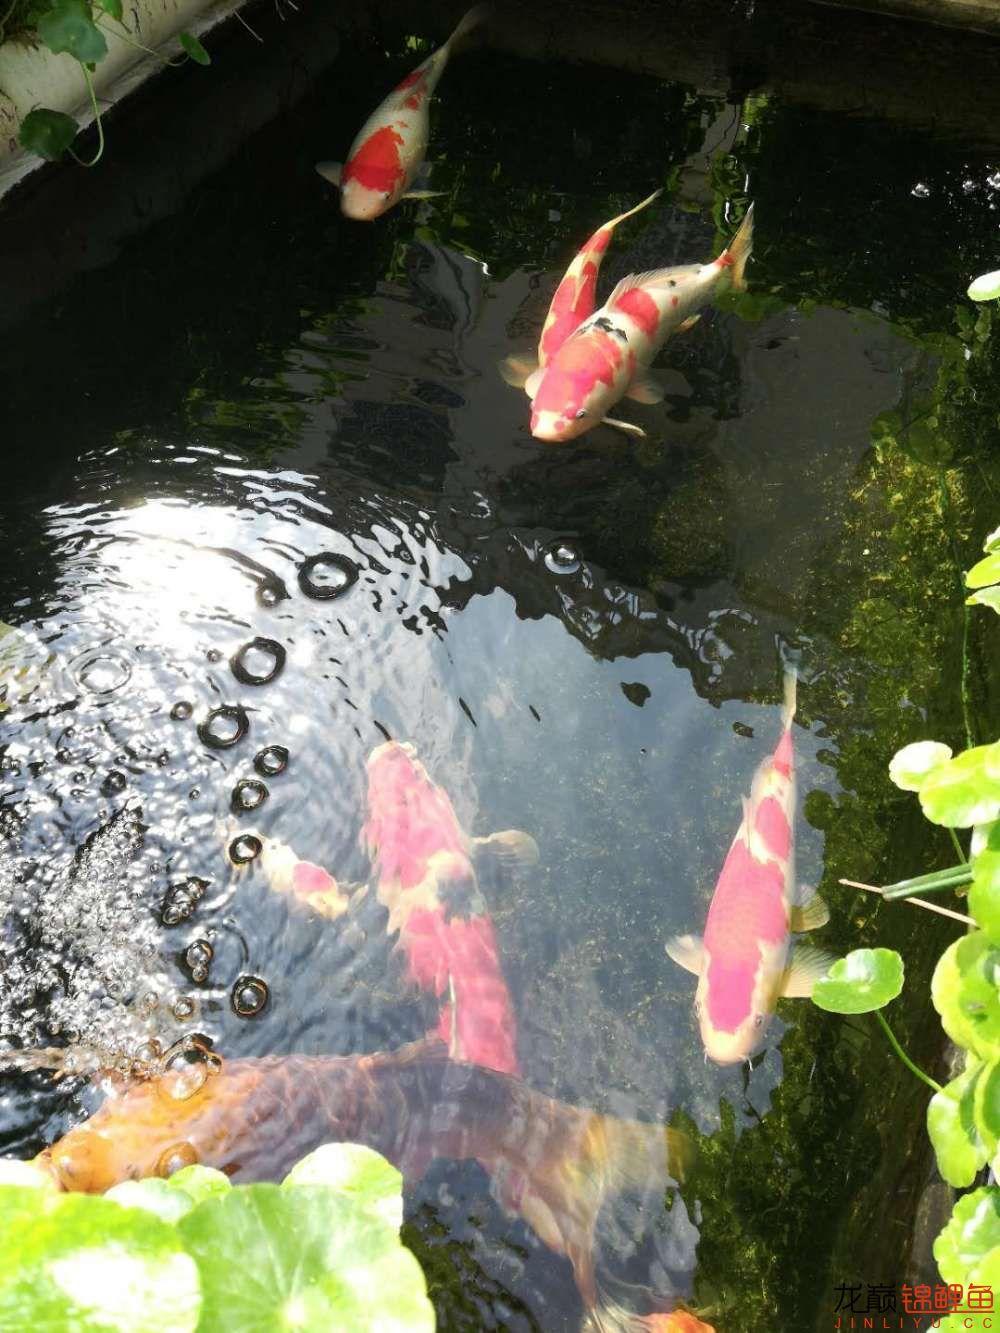 北京哪个水族店有白子关刀鱼天气转暖刚剪几天的草又开始猛长了 北京观赏鱼 北京龙鱼第13张